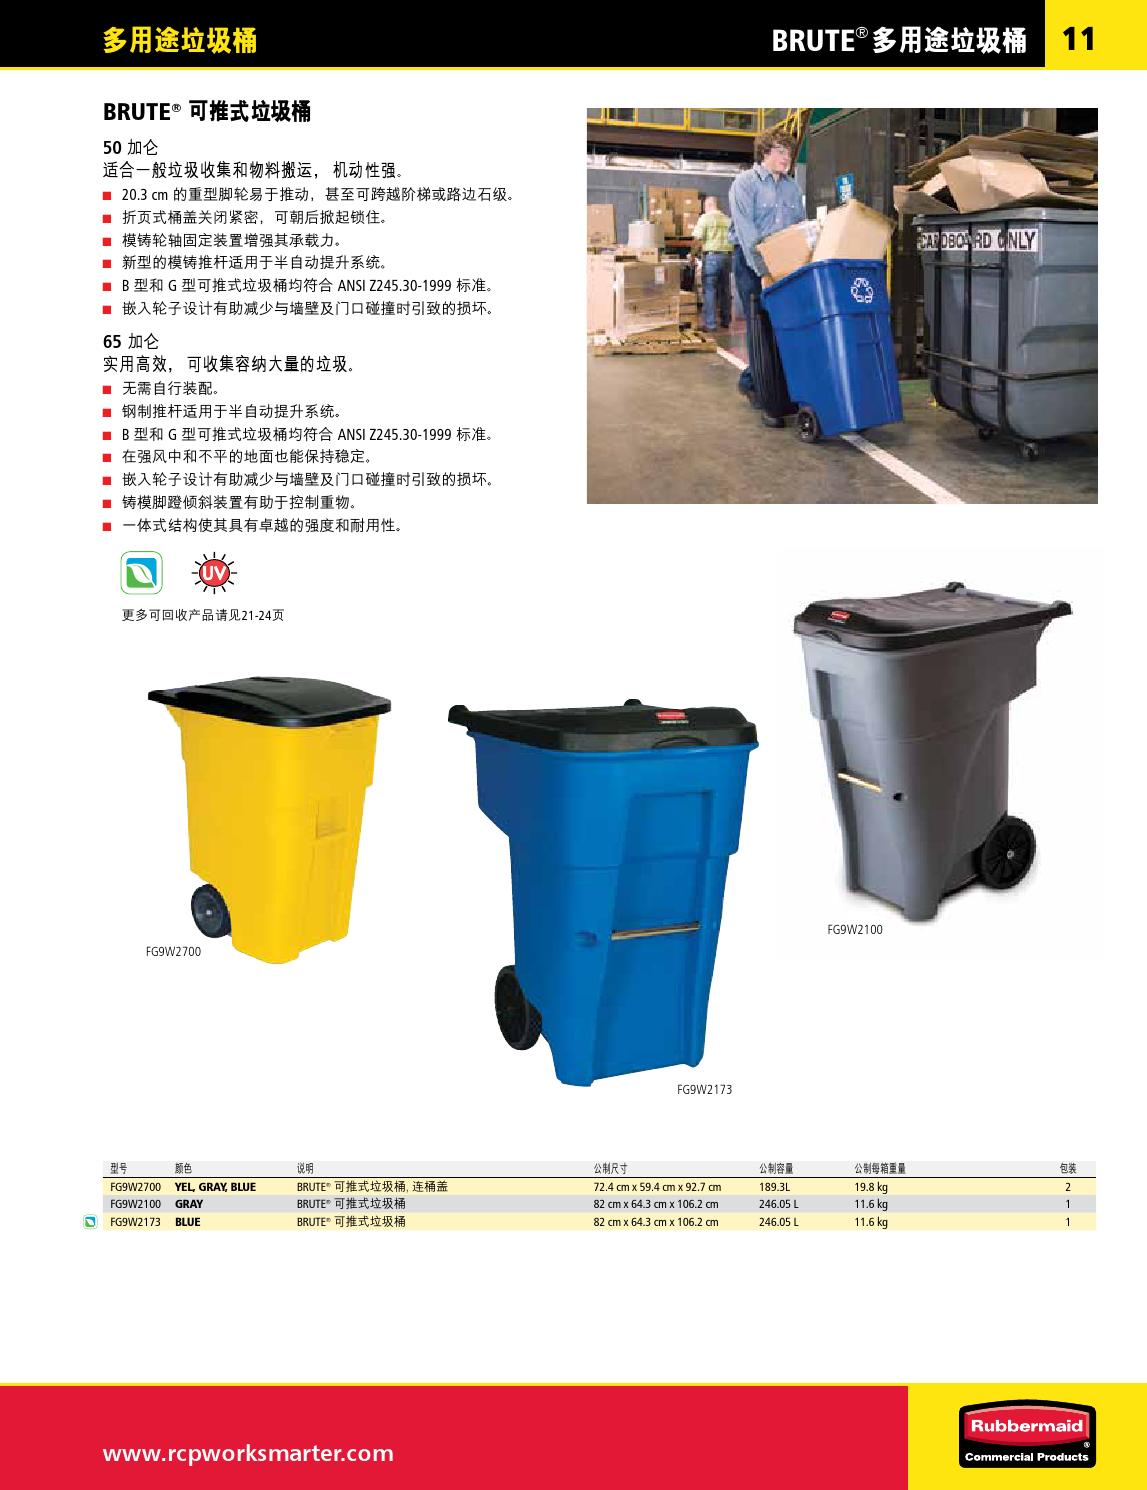 西安/rubbermaid乐柏美多用途垃圾桶